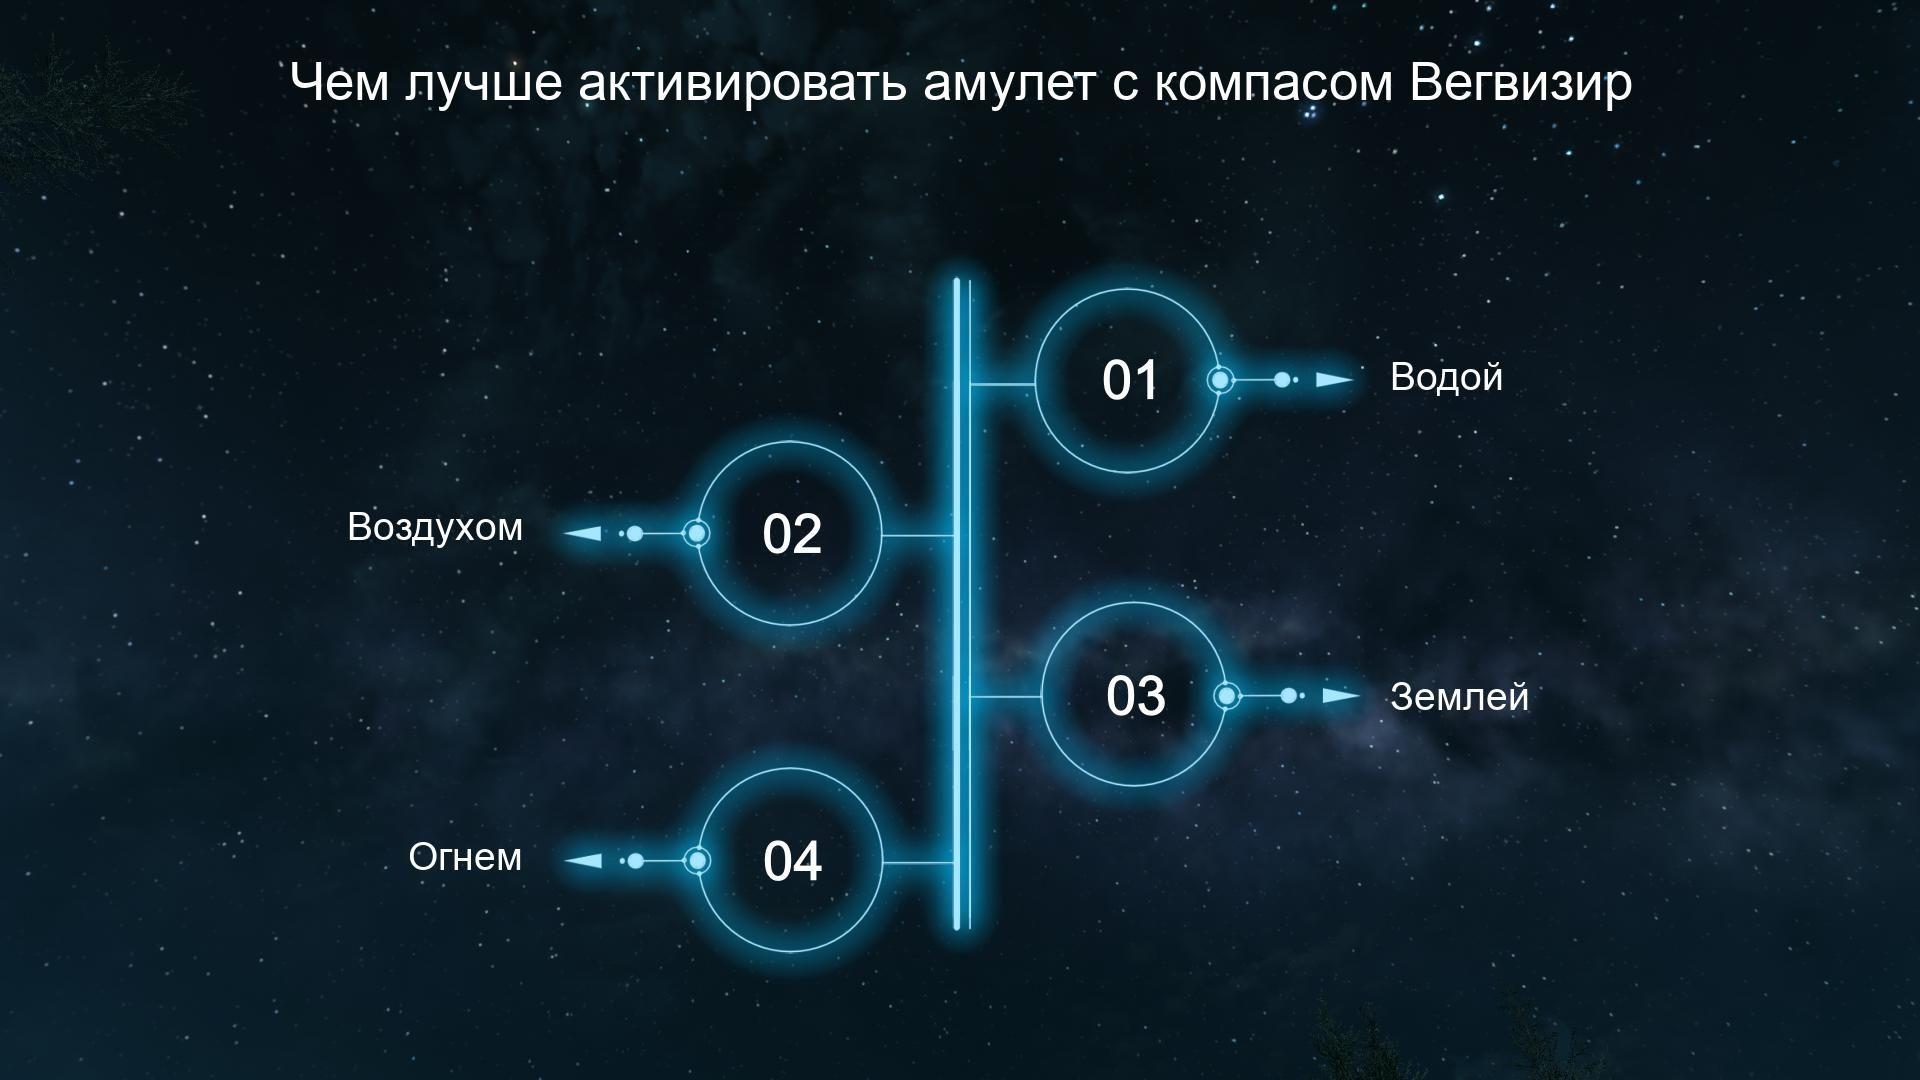 Чем лучше активировать амулет с компасом Вегвизир